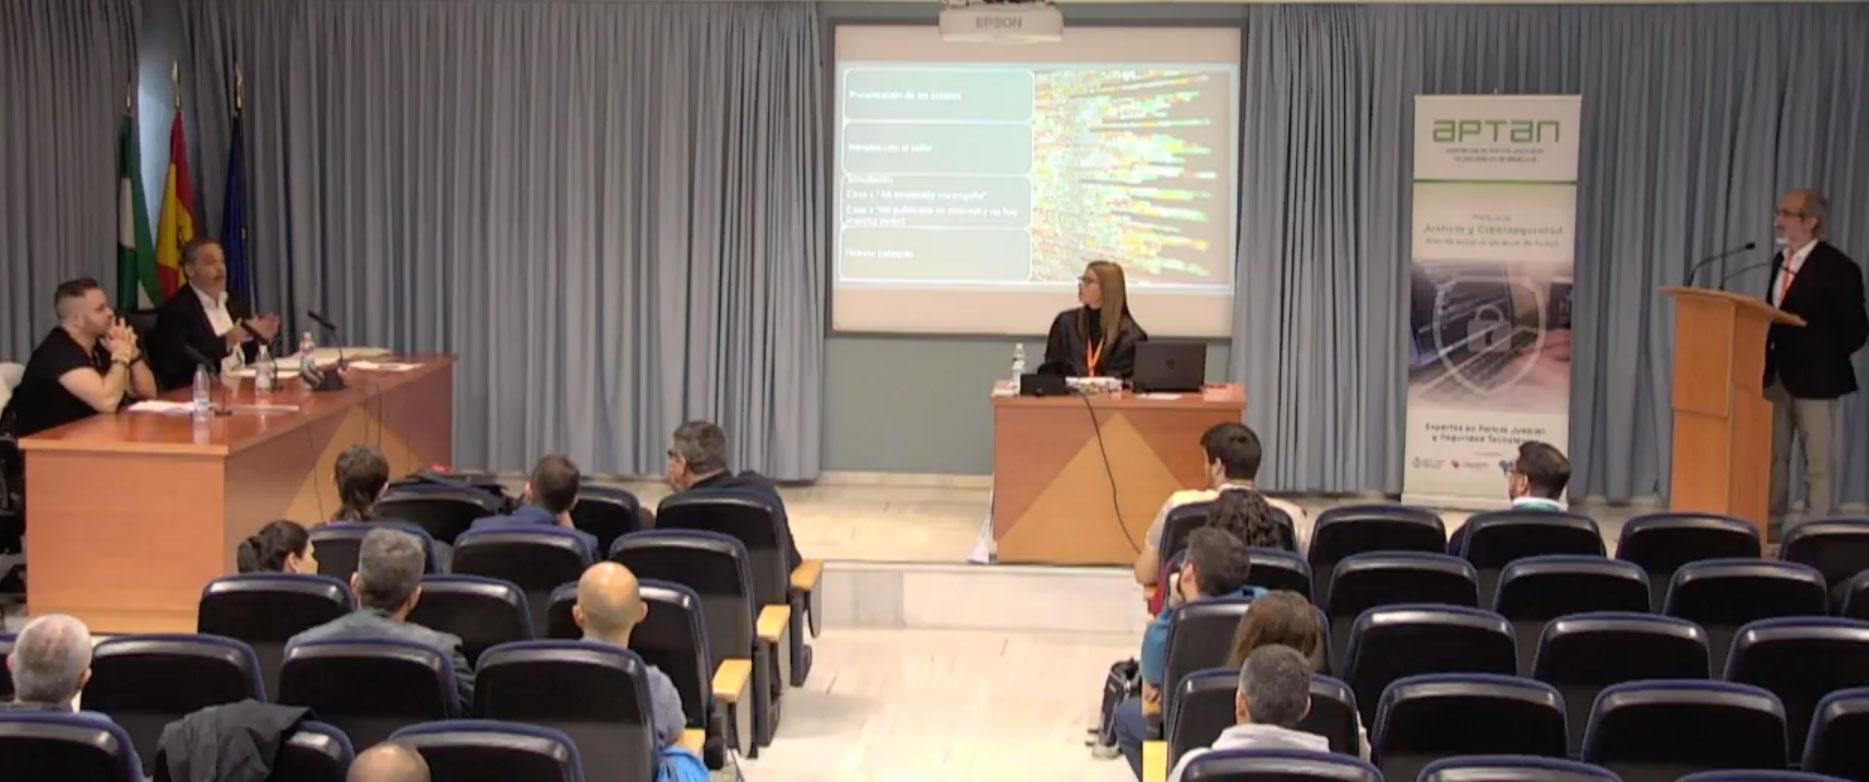 Simulación de un juicio con peritos tecnológicos - Sec admin 2017